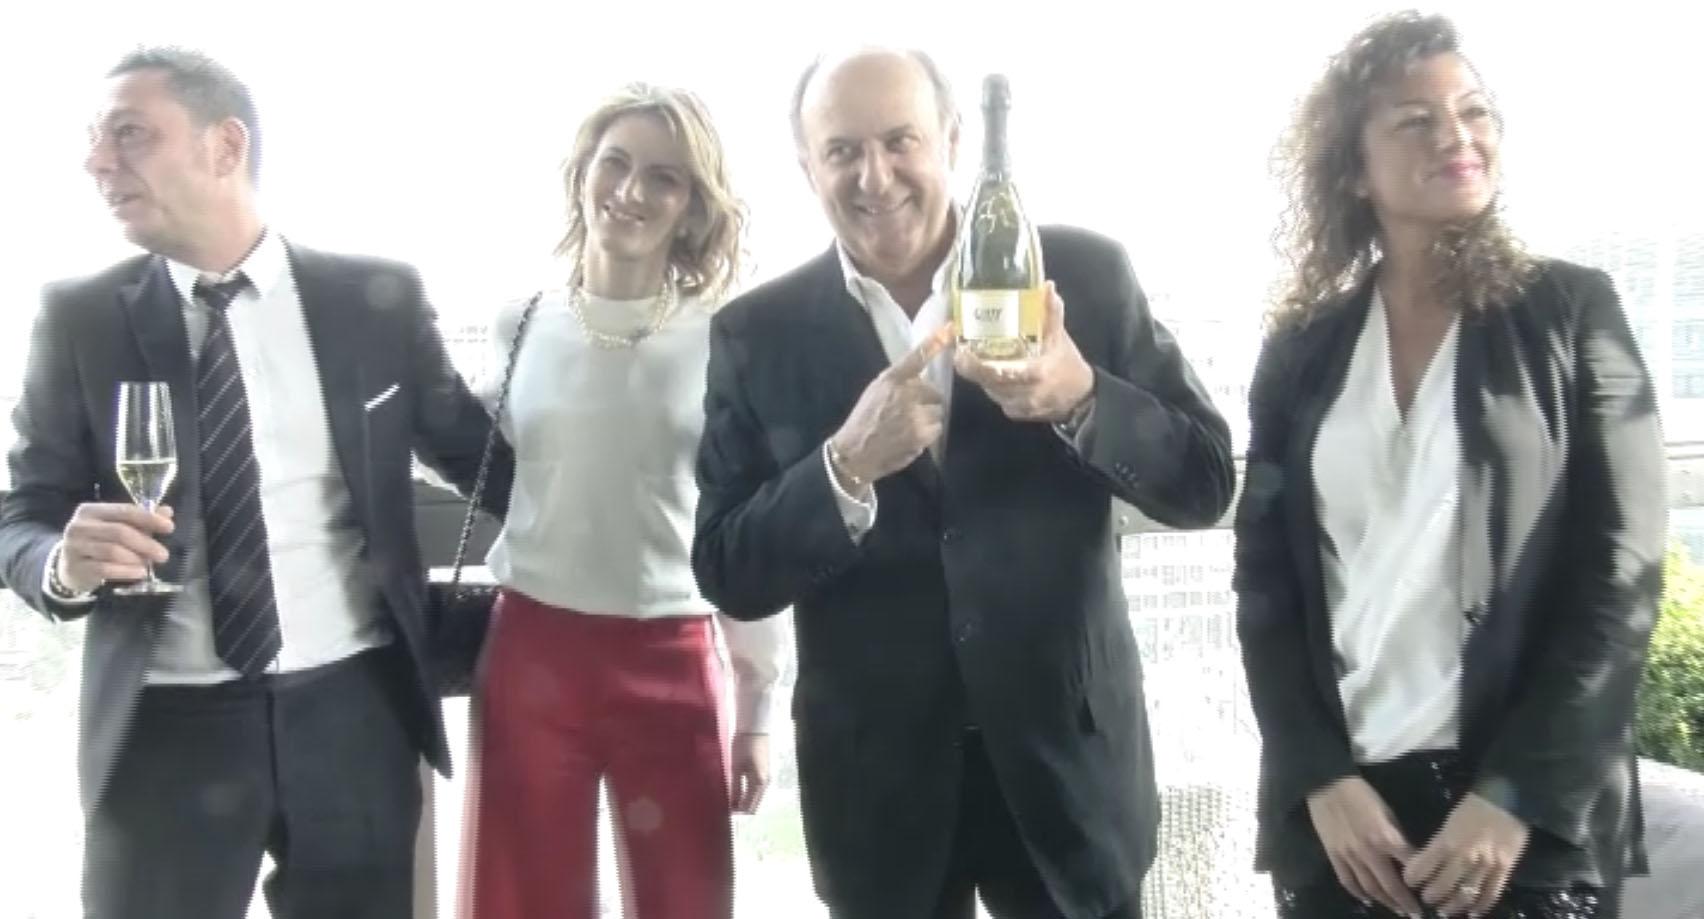 Presentate sulla terrazza del Gallia a Milano le bollicine vip firmate da Gerry Scotti